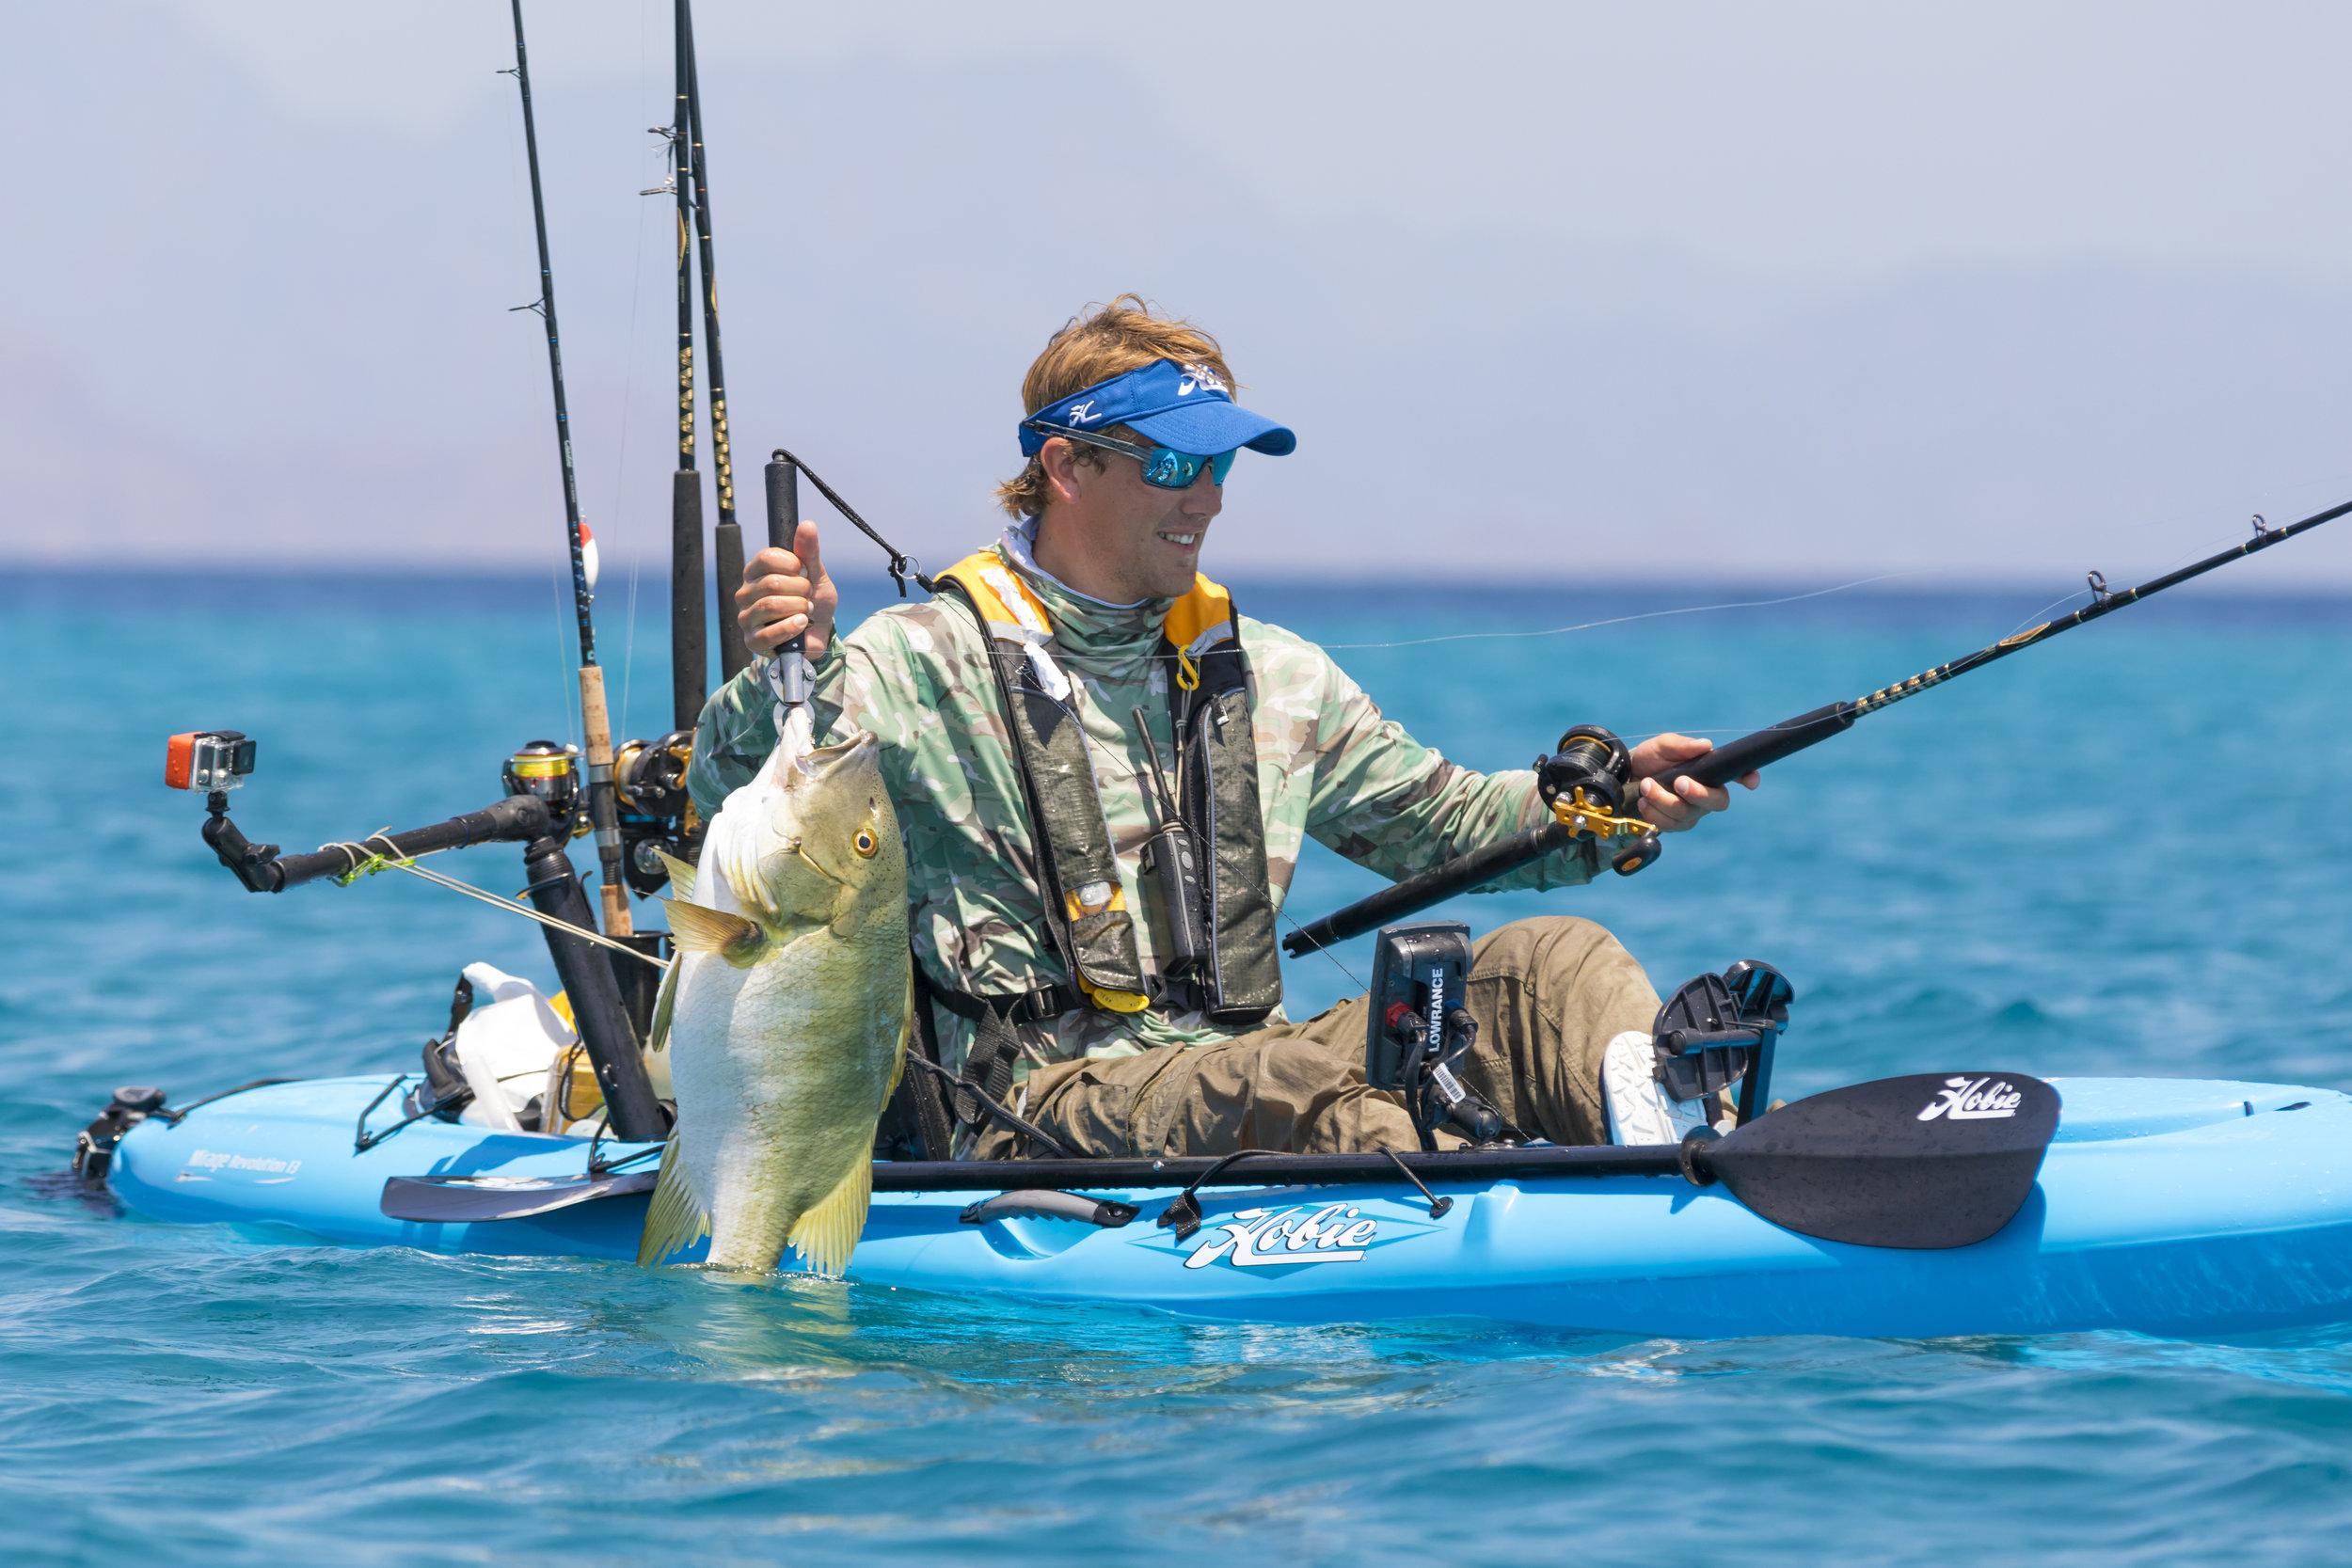 Revolution13_action_fishing_Blue_ocean_pargo_morgan_9226_full.jpg